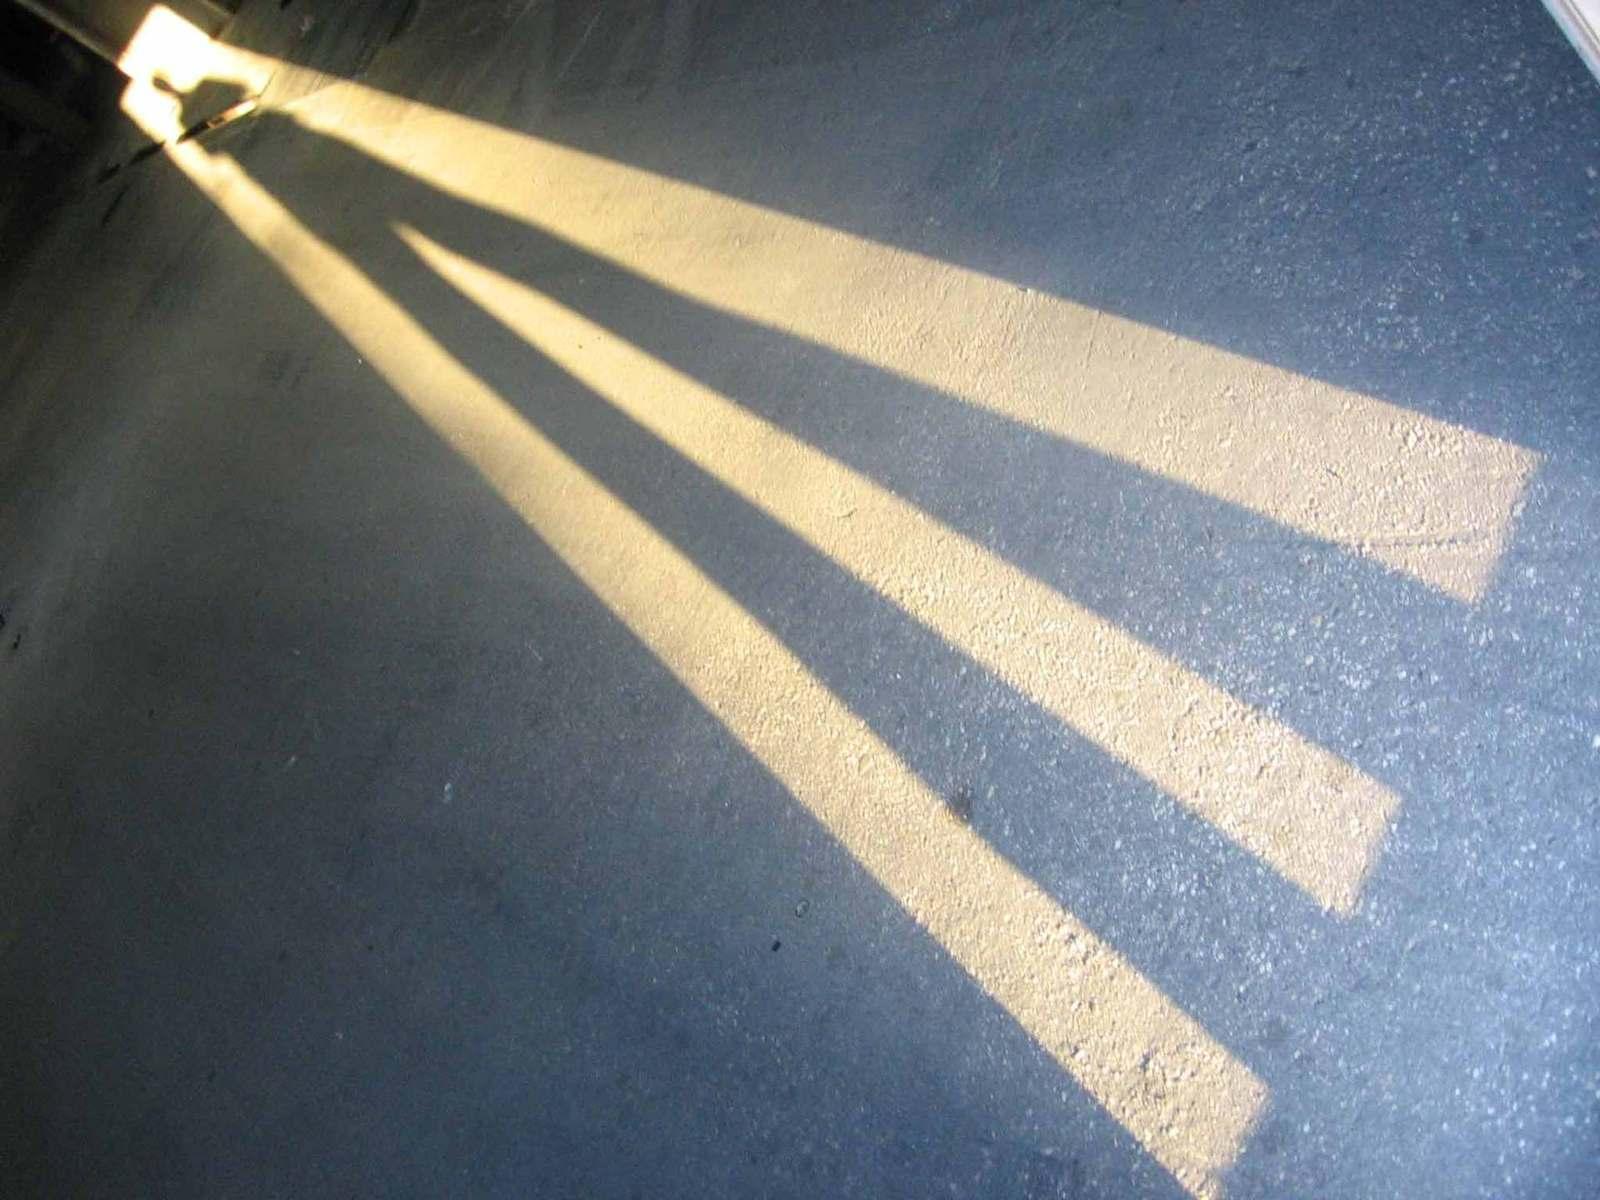 shadow-1555461-1600x1200